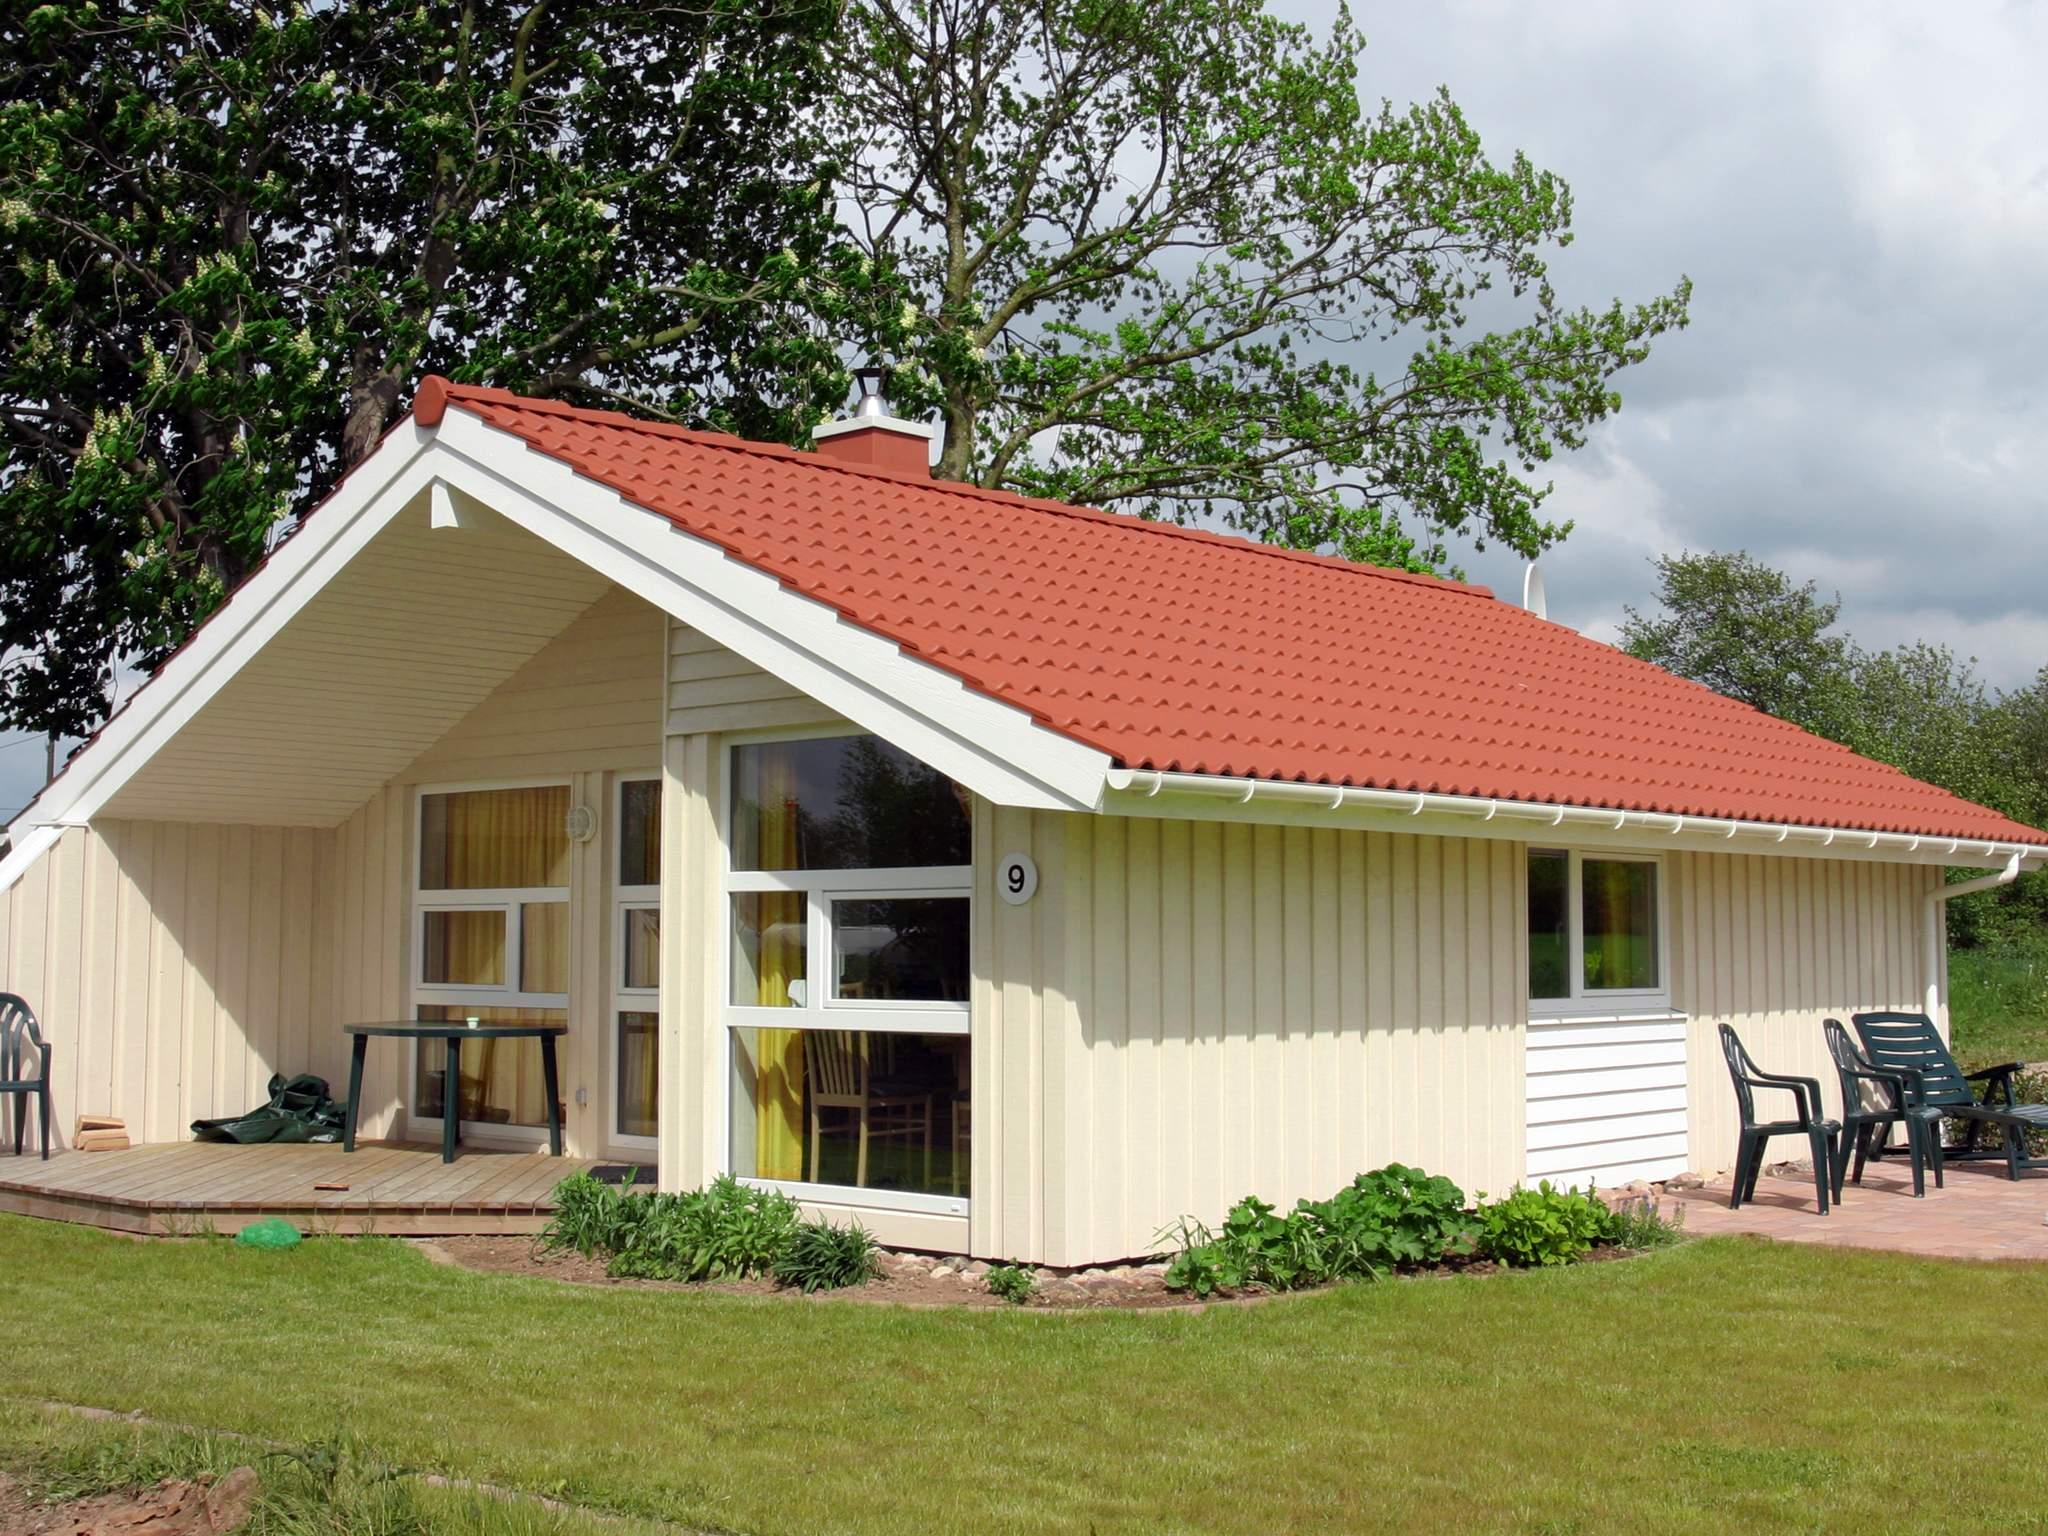 Ferienhaus Gelting (125199), Gelting, Geltinger Bucht, Schleswig-Holstein, Deutschland, Bild 9